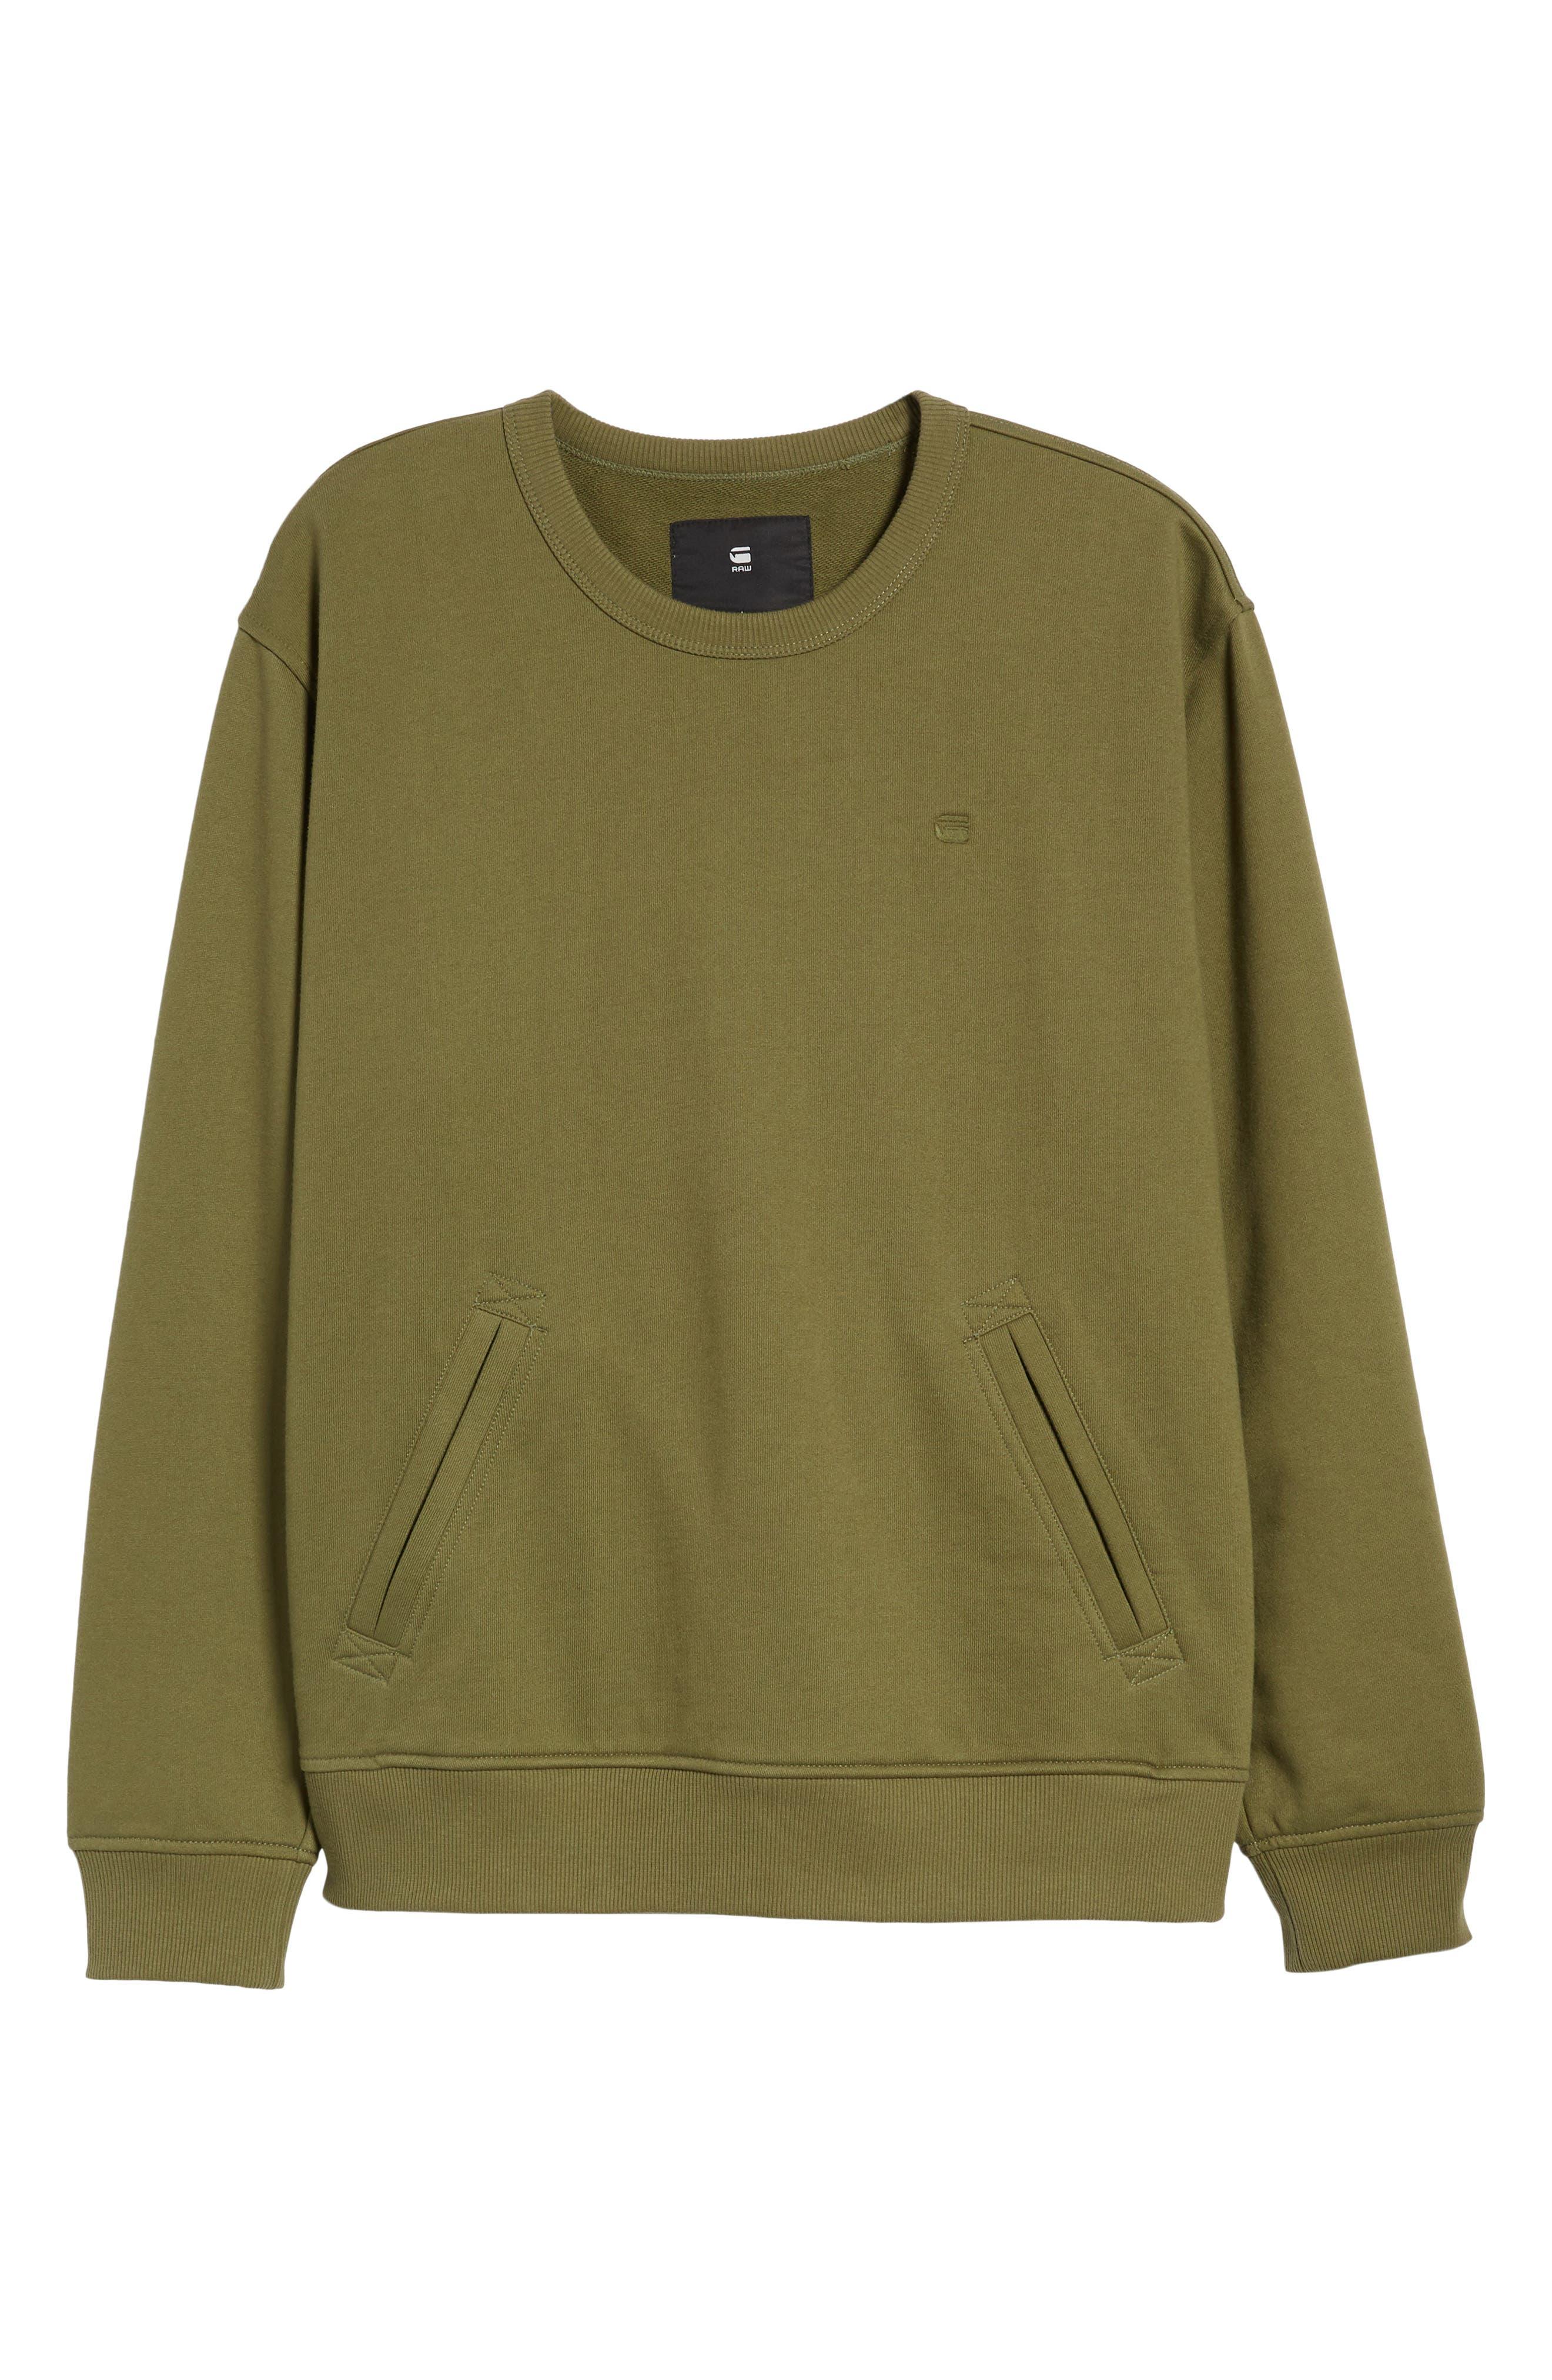 Core Hybrid Archive Sweatshirt,                             Alternate thumbnail 6, color,                             Sage